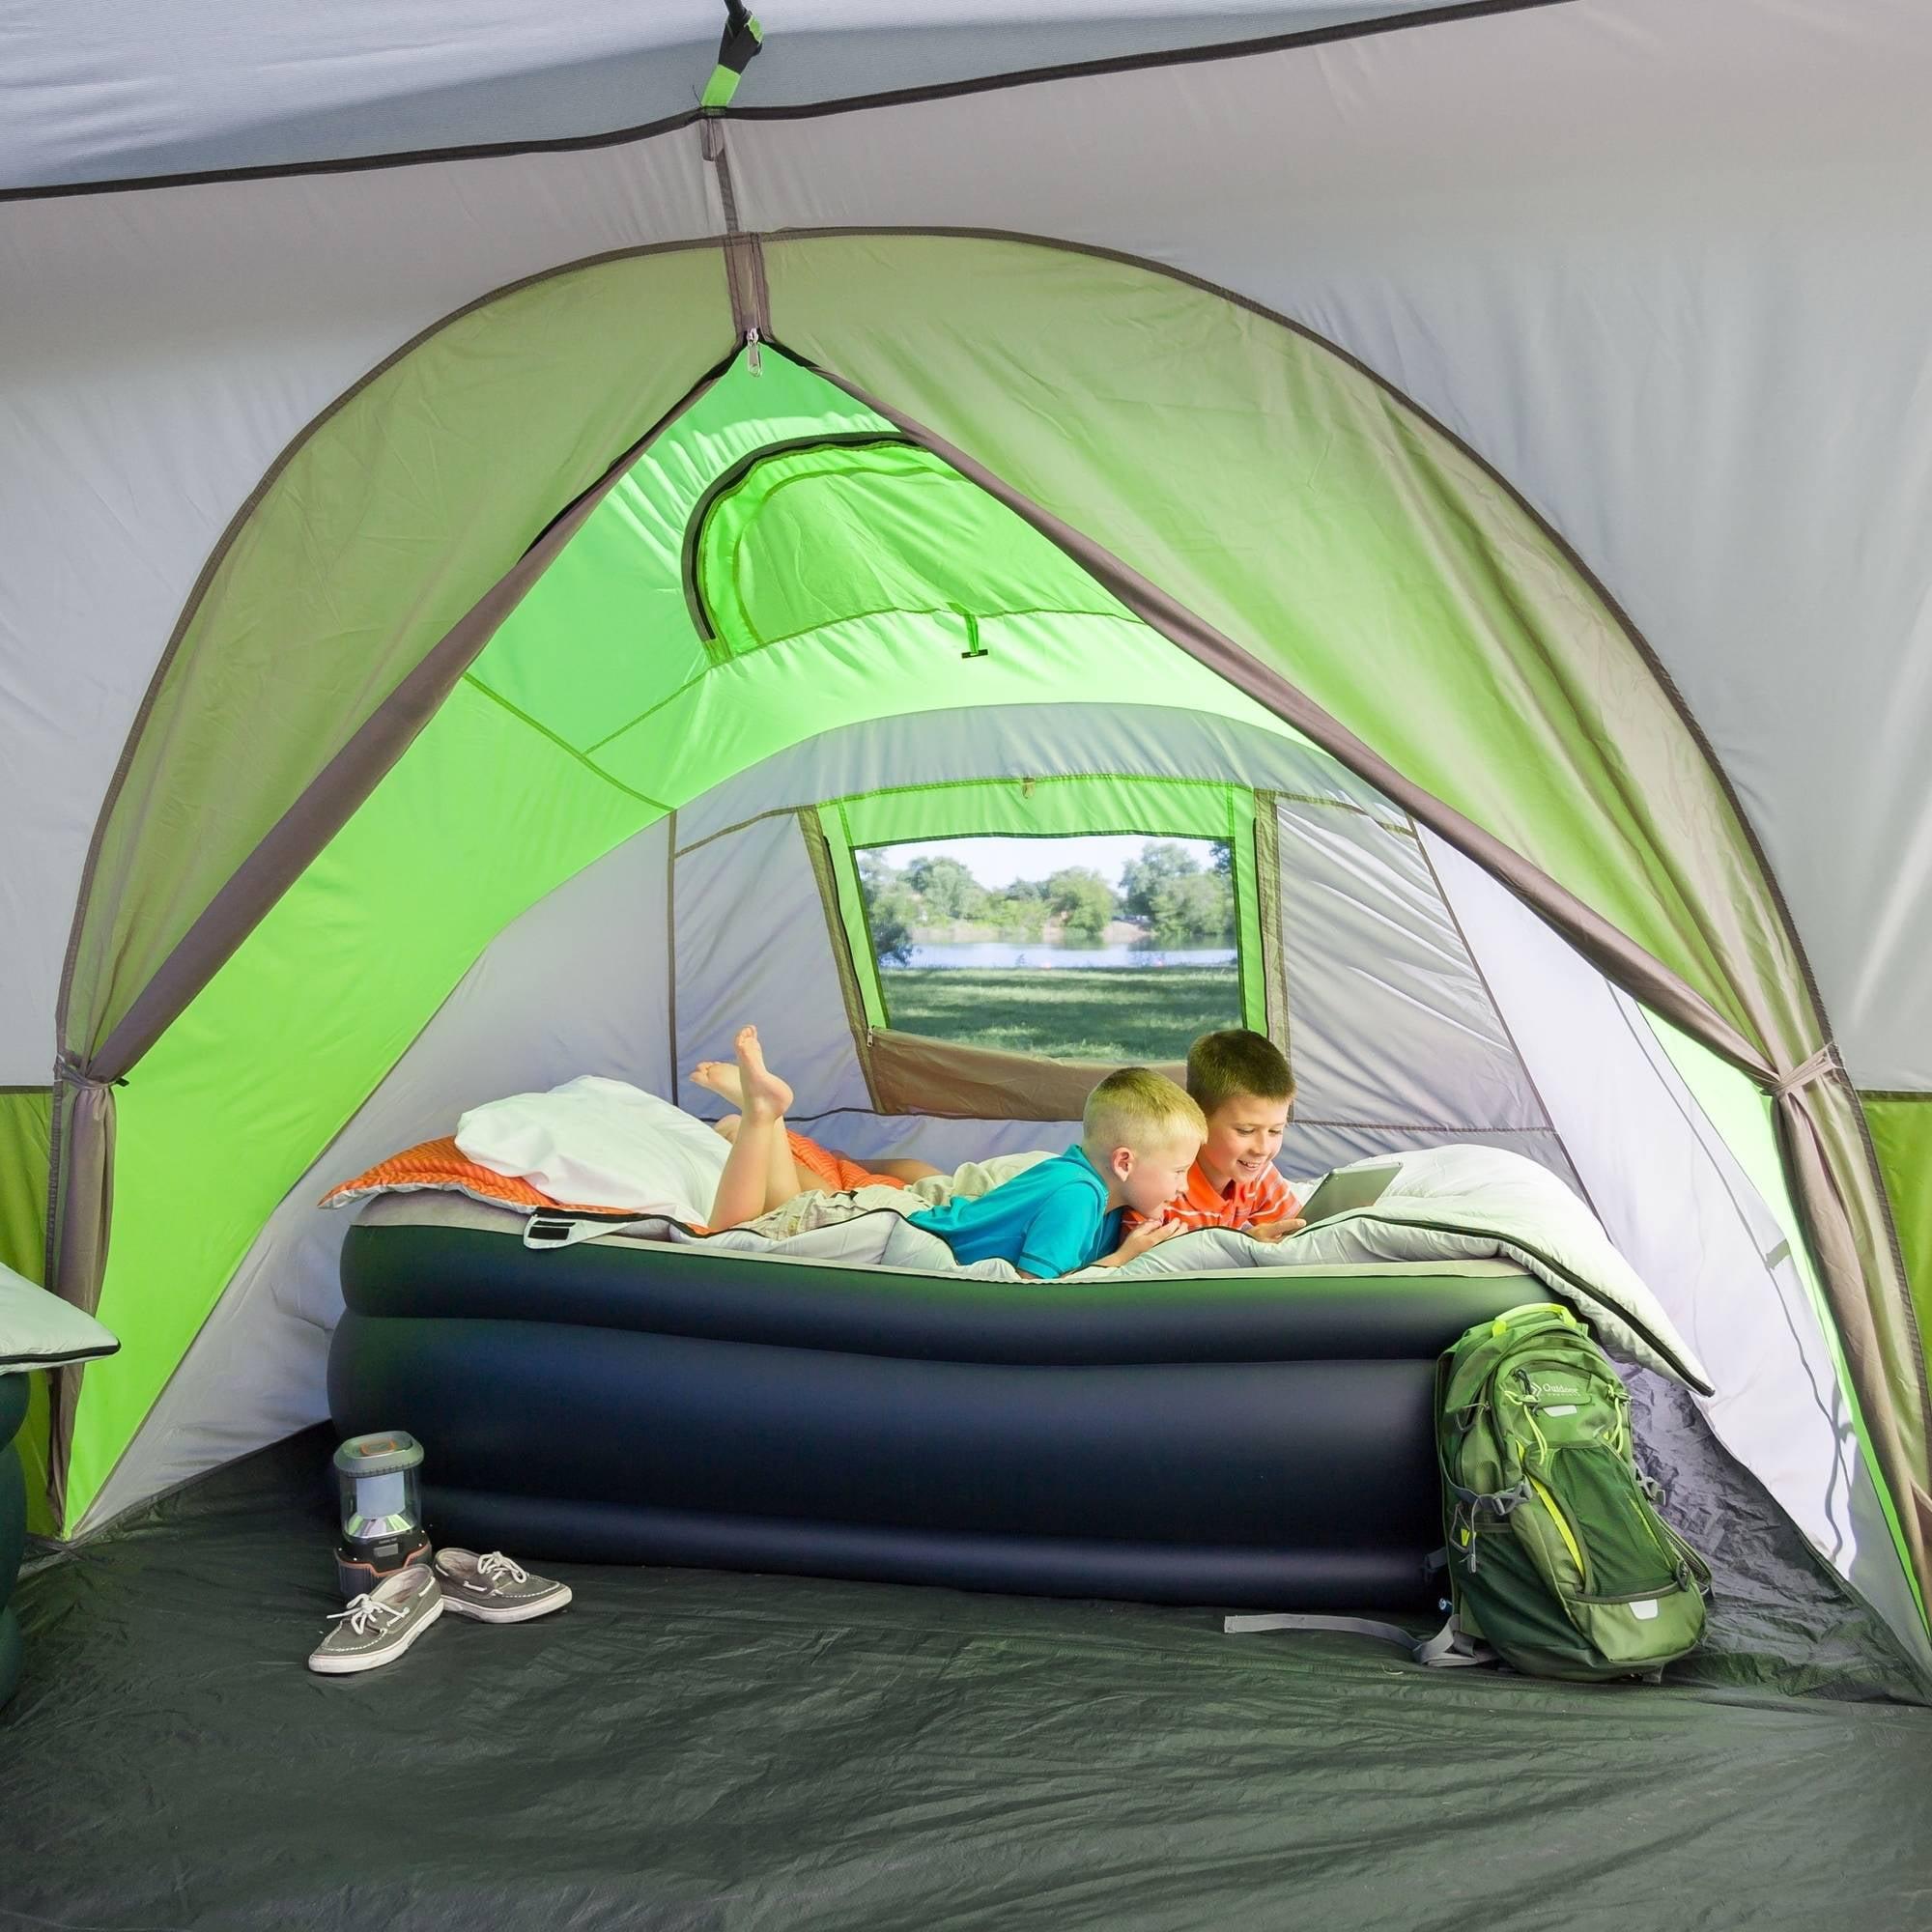 & Ozark Trail 11p Instant Cabin W/ Private Room Green - Walmart.com